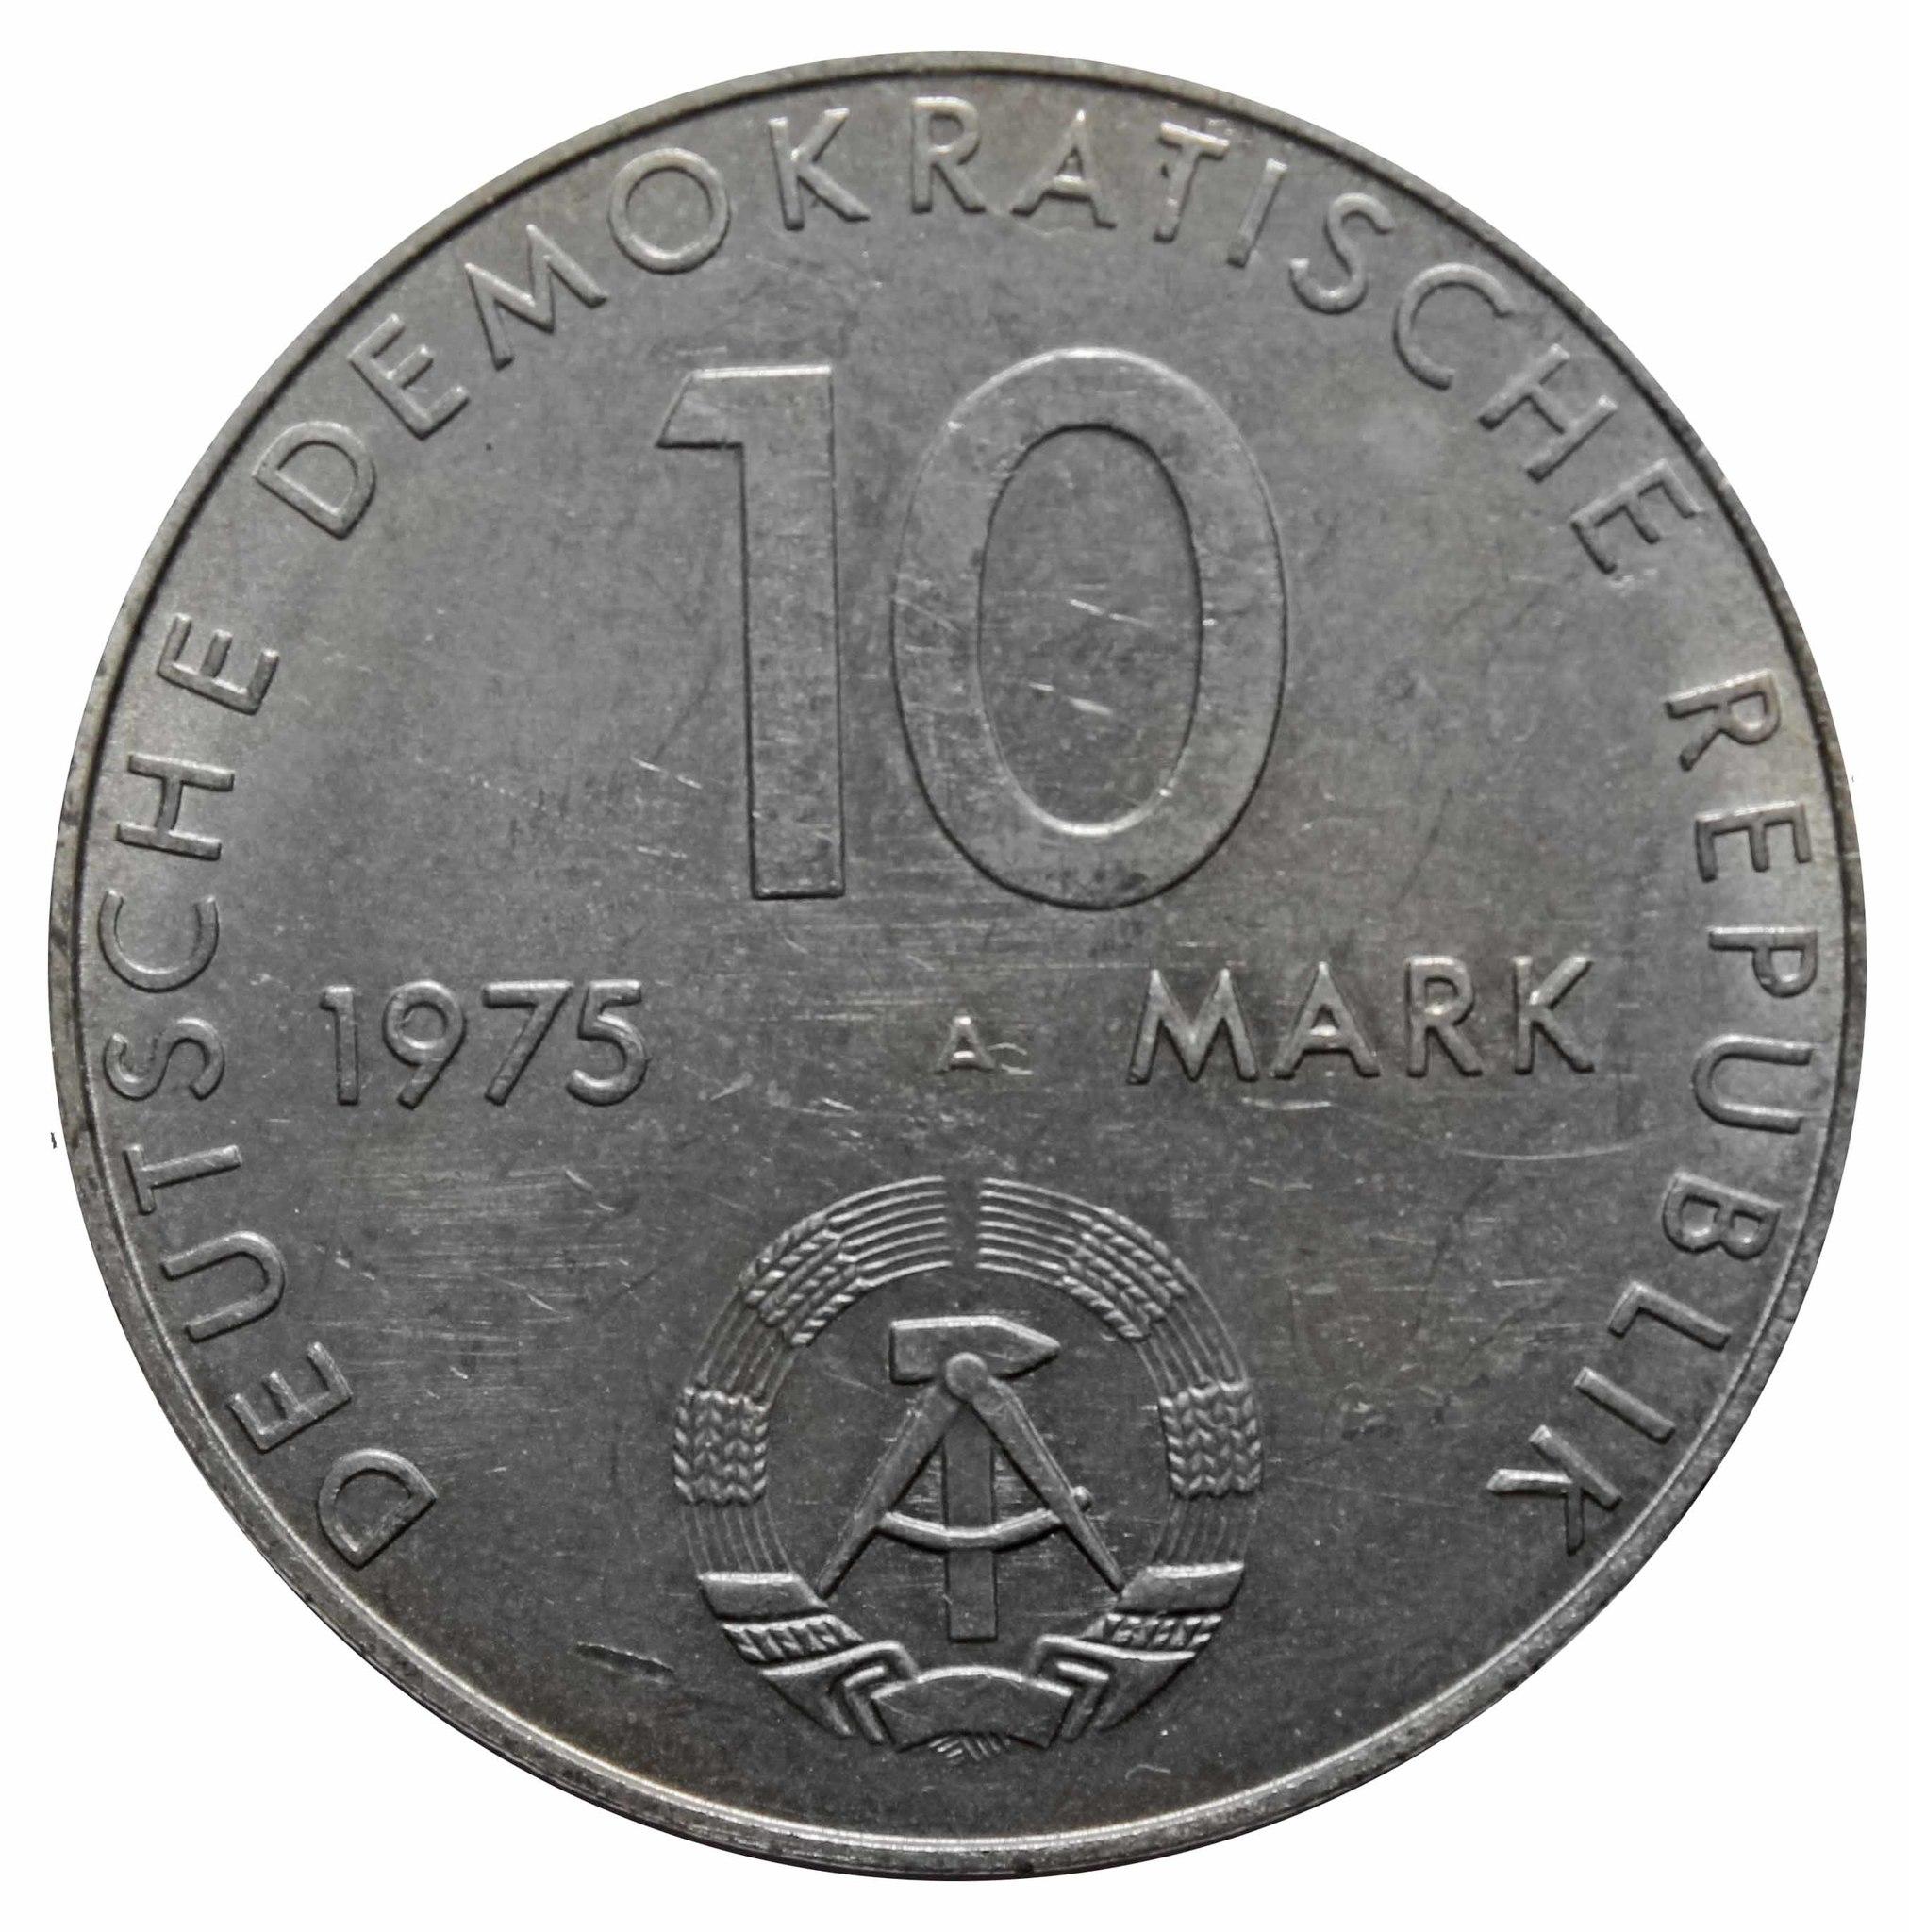 10 марок. 20 лет Варшавскому Договору. (A). Германия-ГДР. Медноникель. 1975 год.  XF-AU